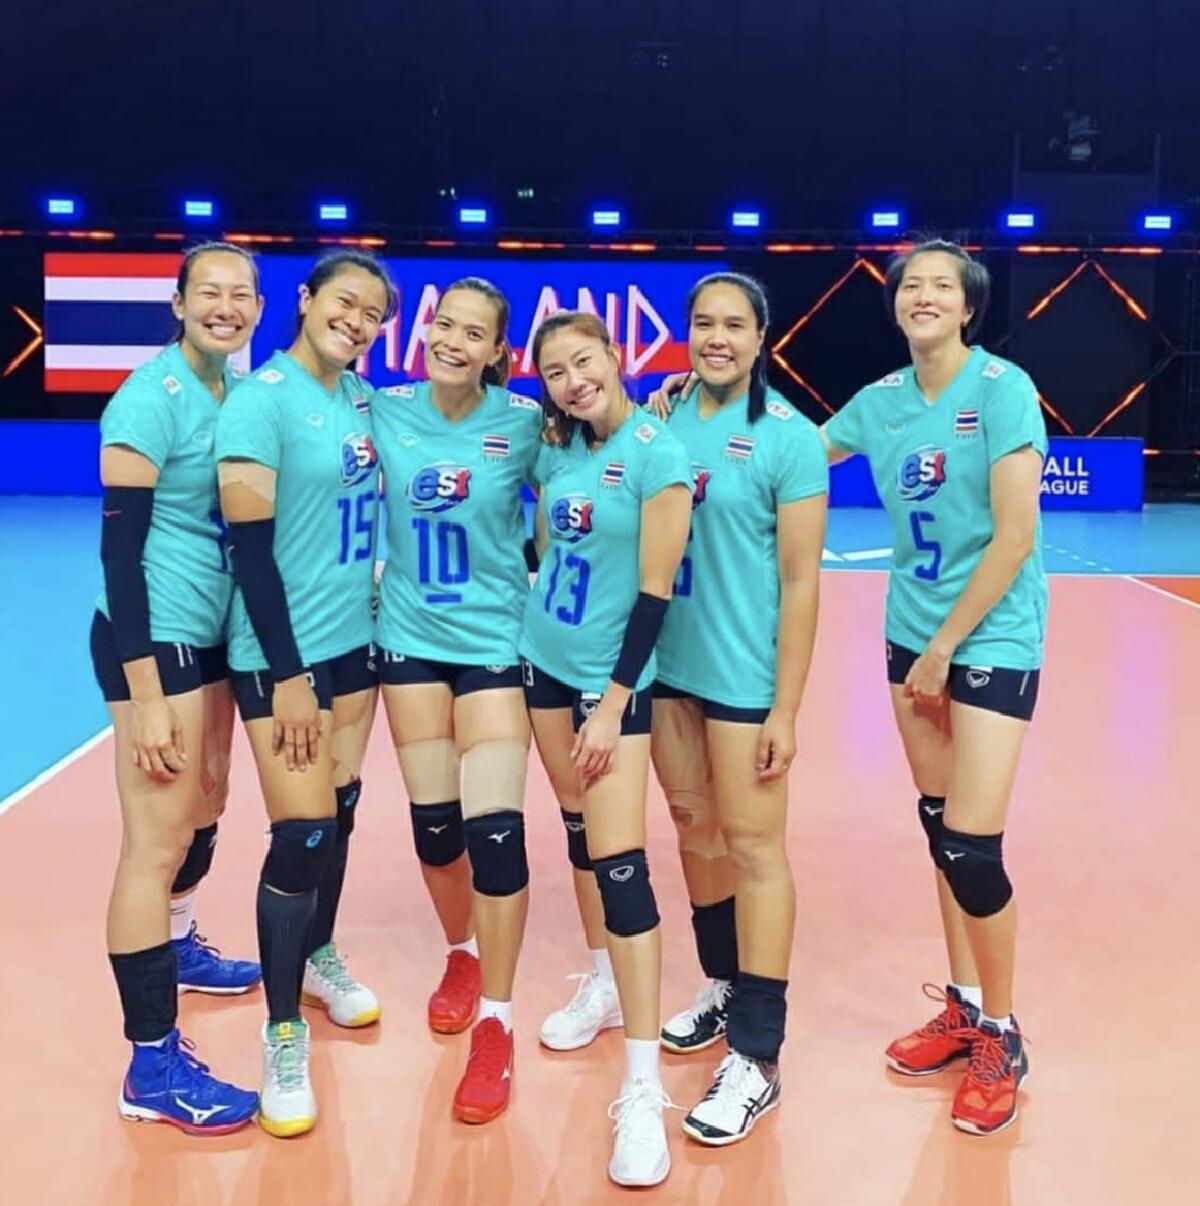 6เซียนตบสาวไทย นักวอลเลย์บอลทีมชาติไทย อำลา